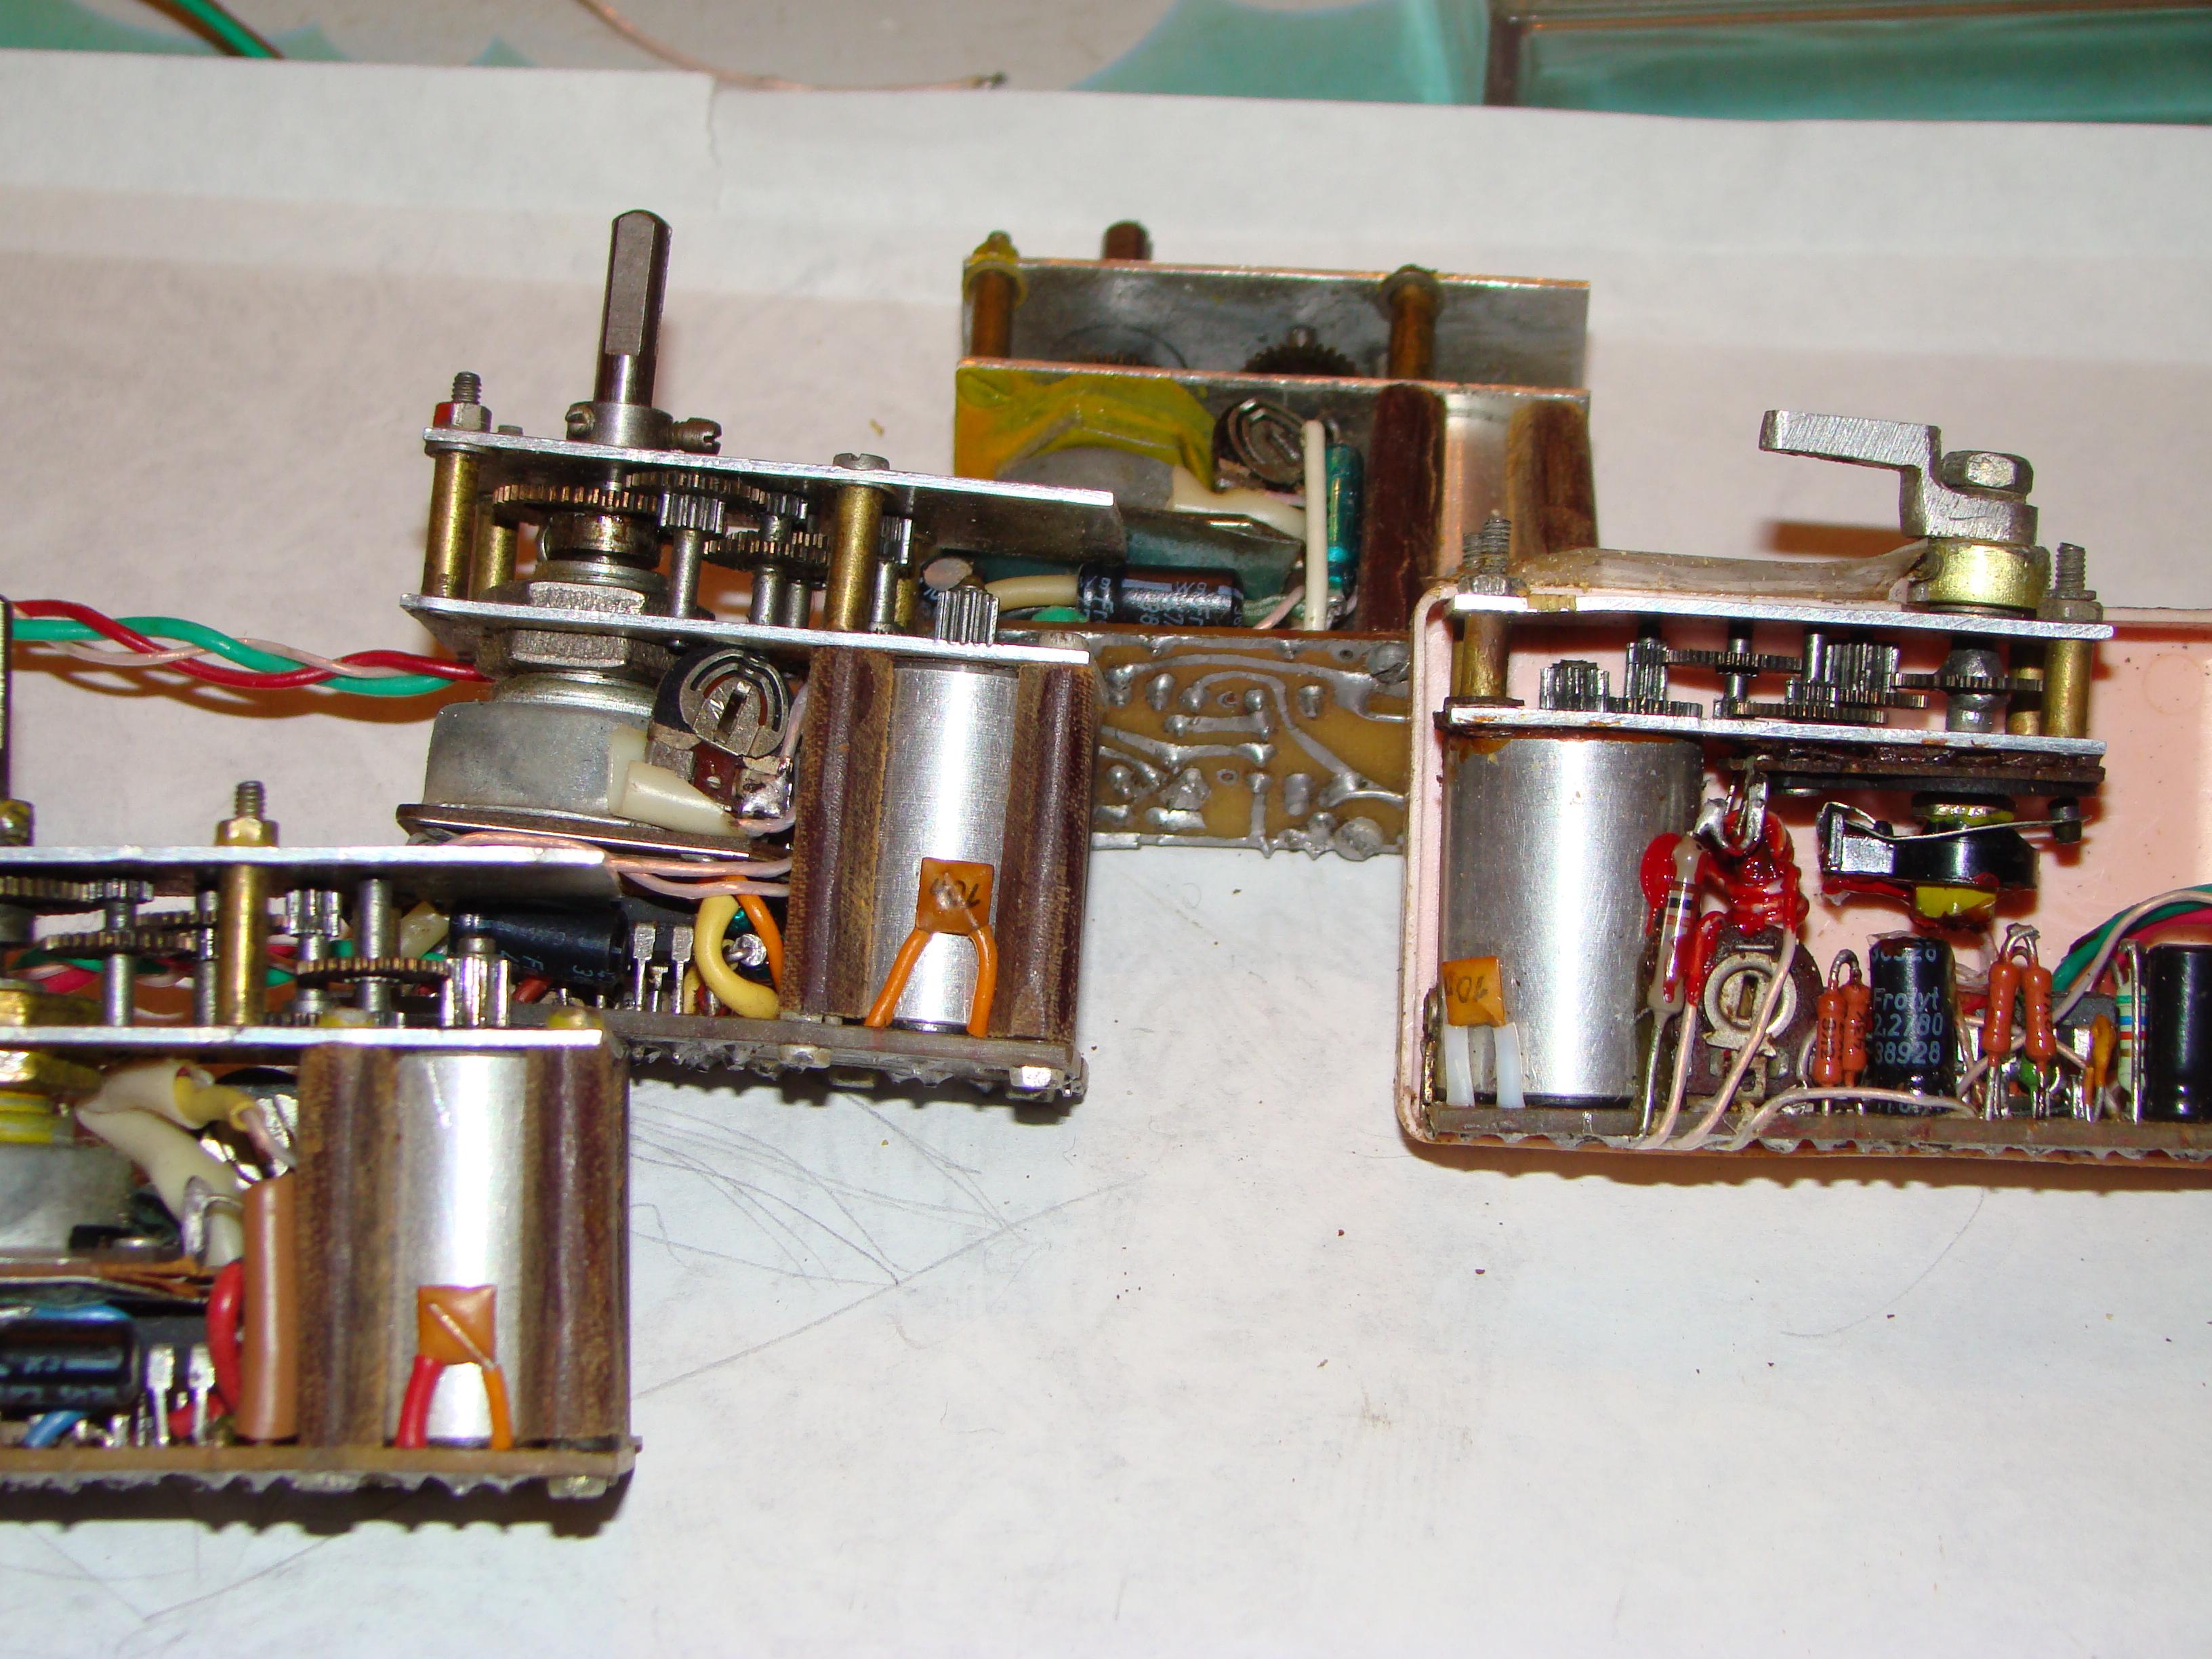 радиоуправление на 20 каналов на avr схема